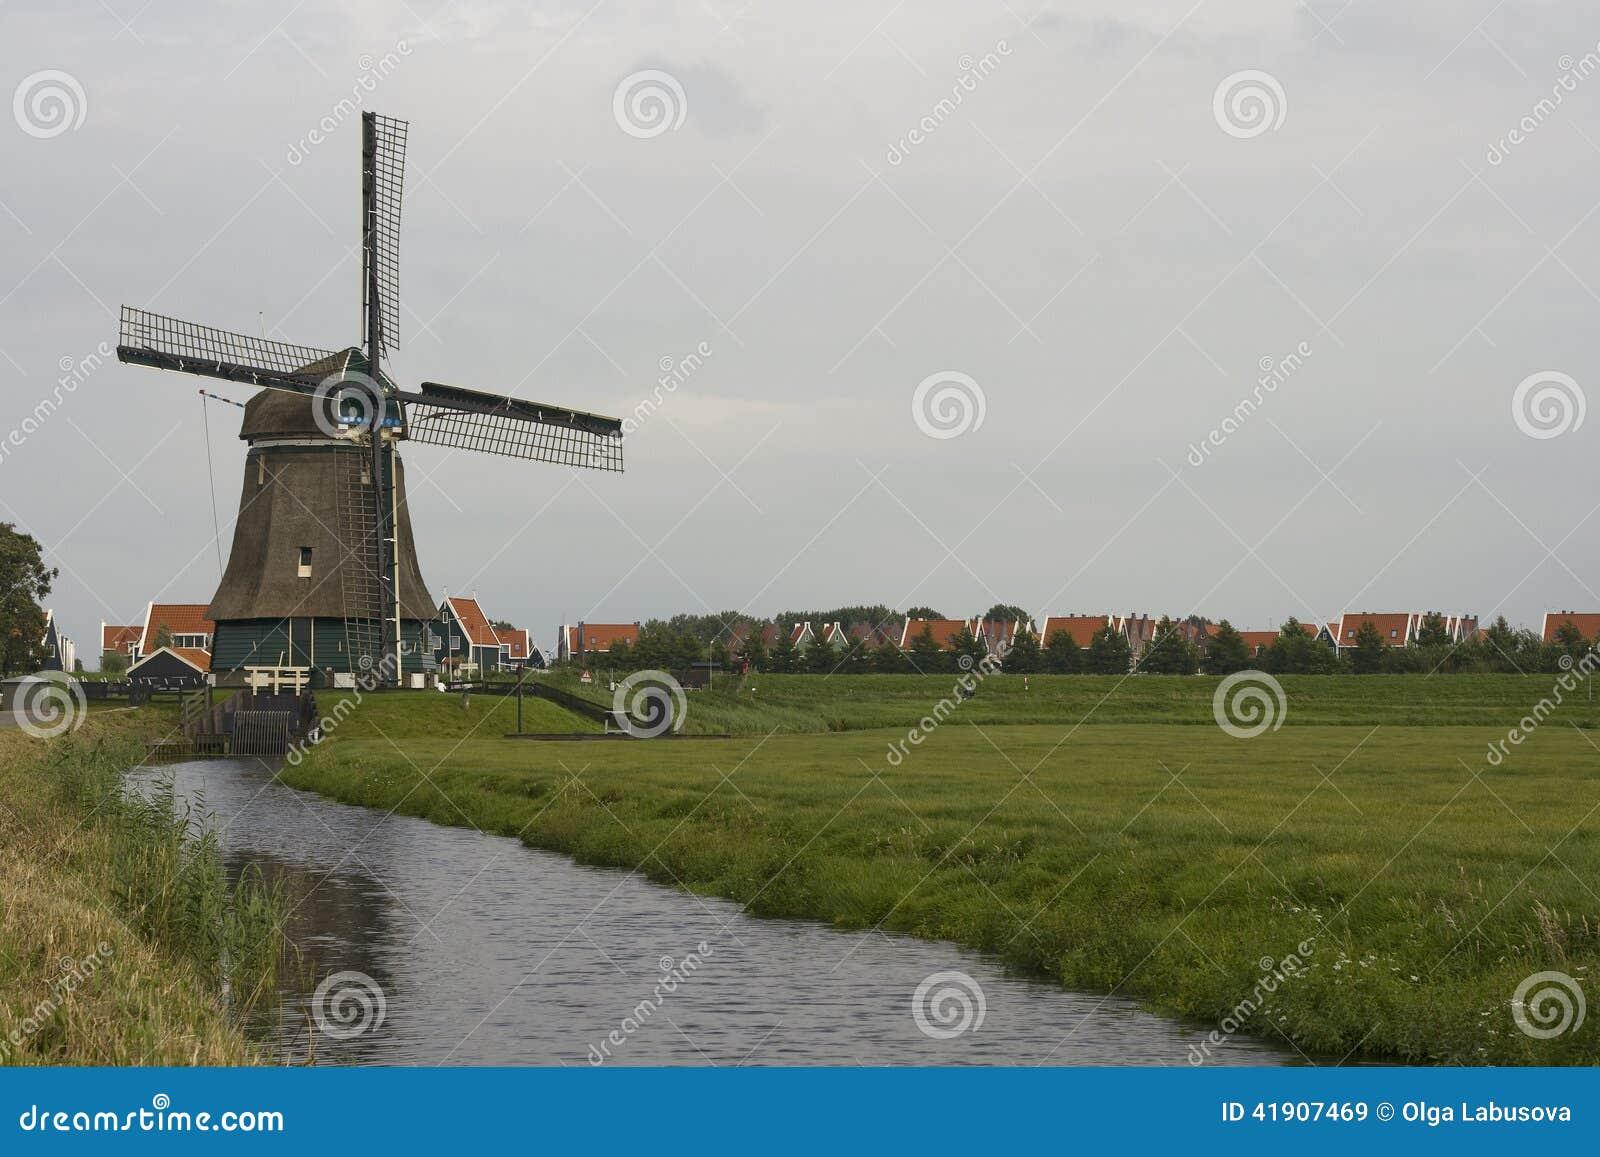 Molino de viento holandés tradicional, cerca de Volendam, Países Bajos